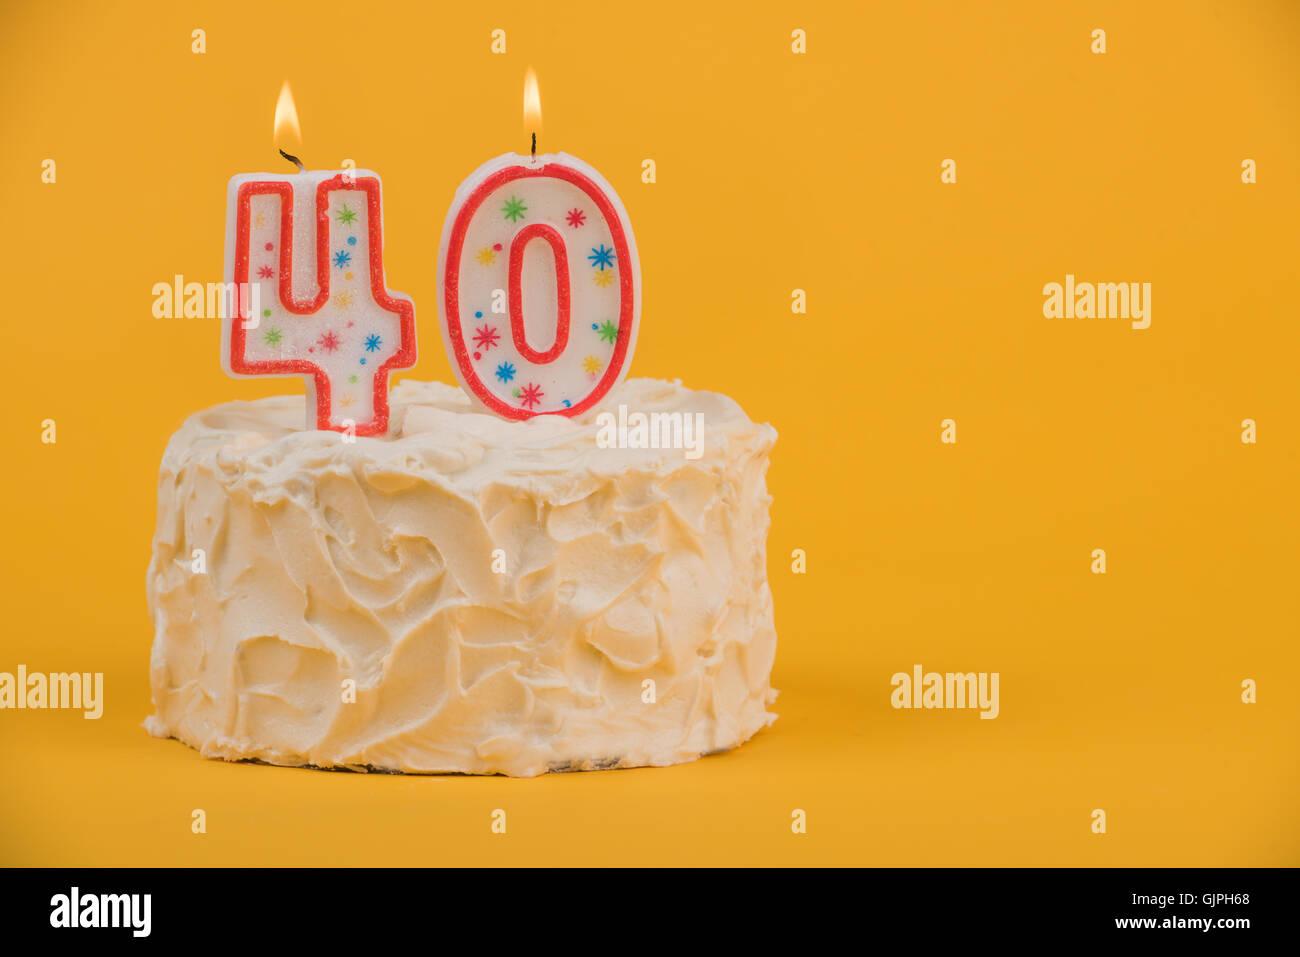 Weiss Mattiert Kuchen Mit 40 Kerzen Stockbild